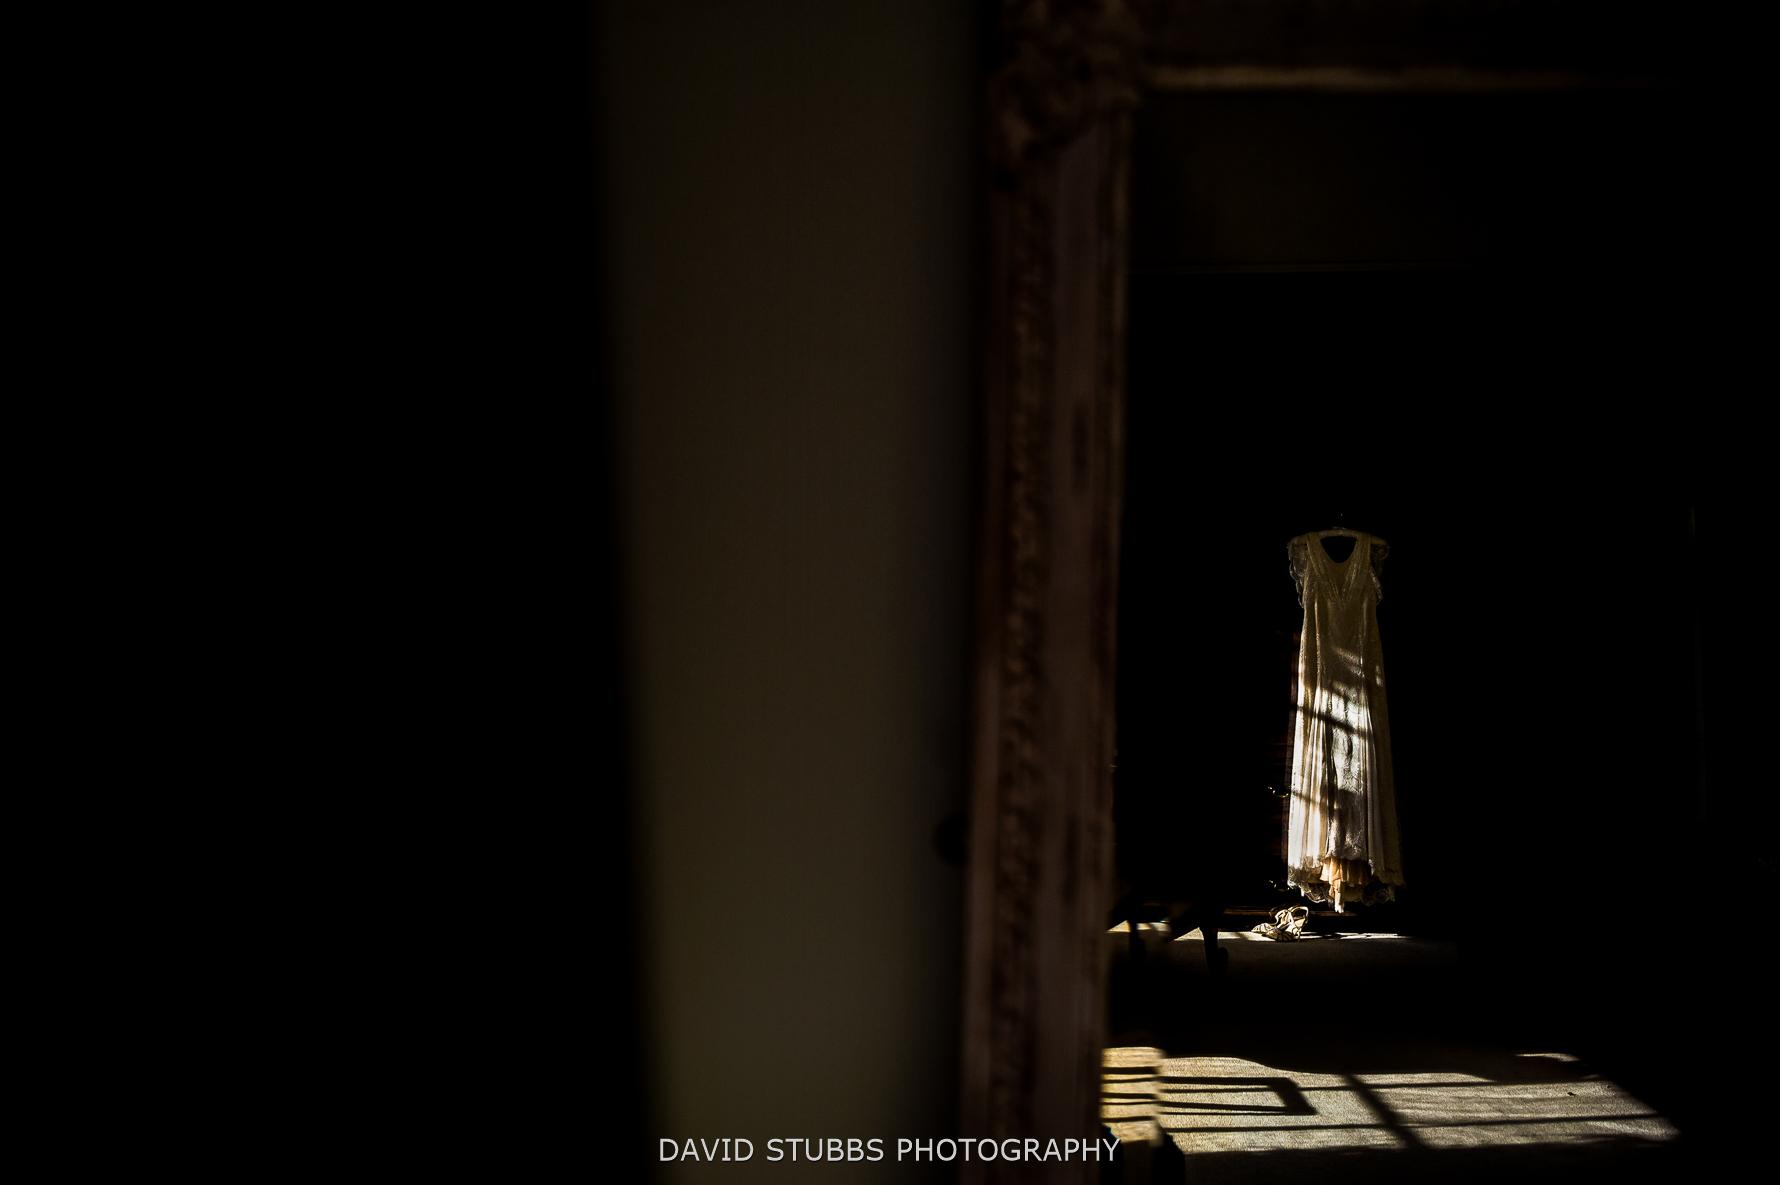 wedding dress in window light